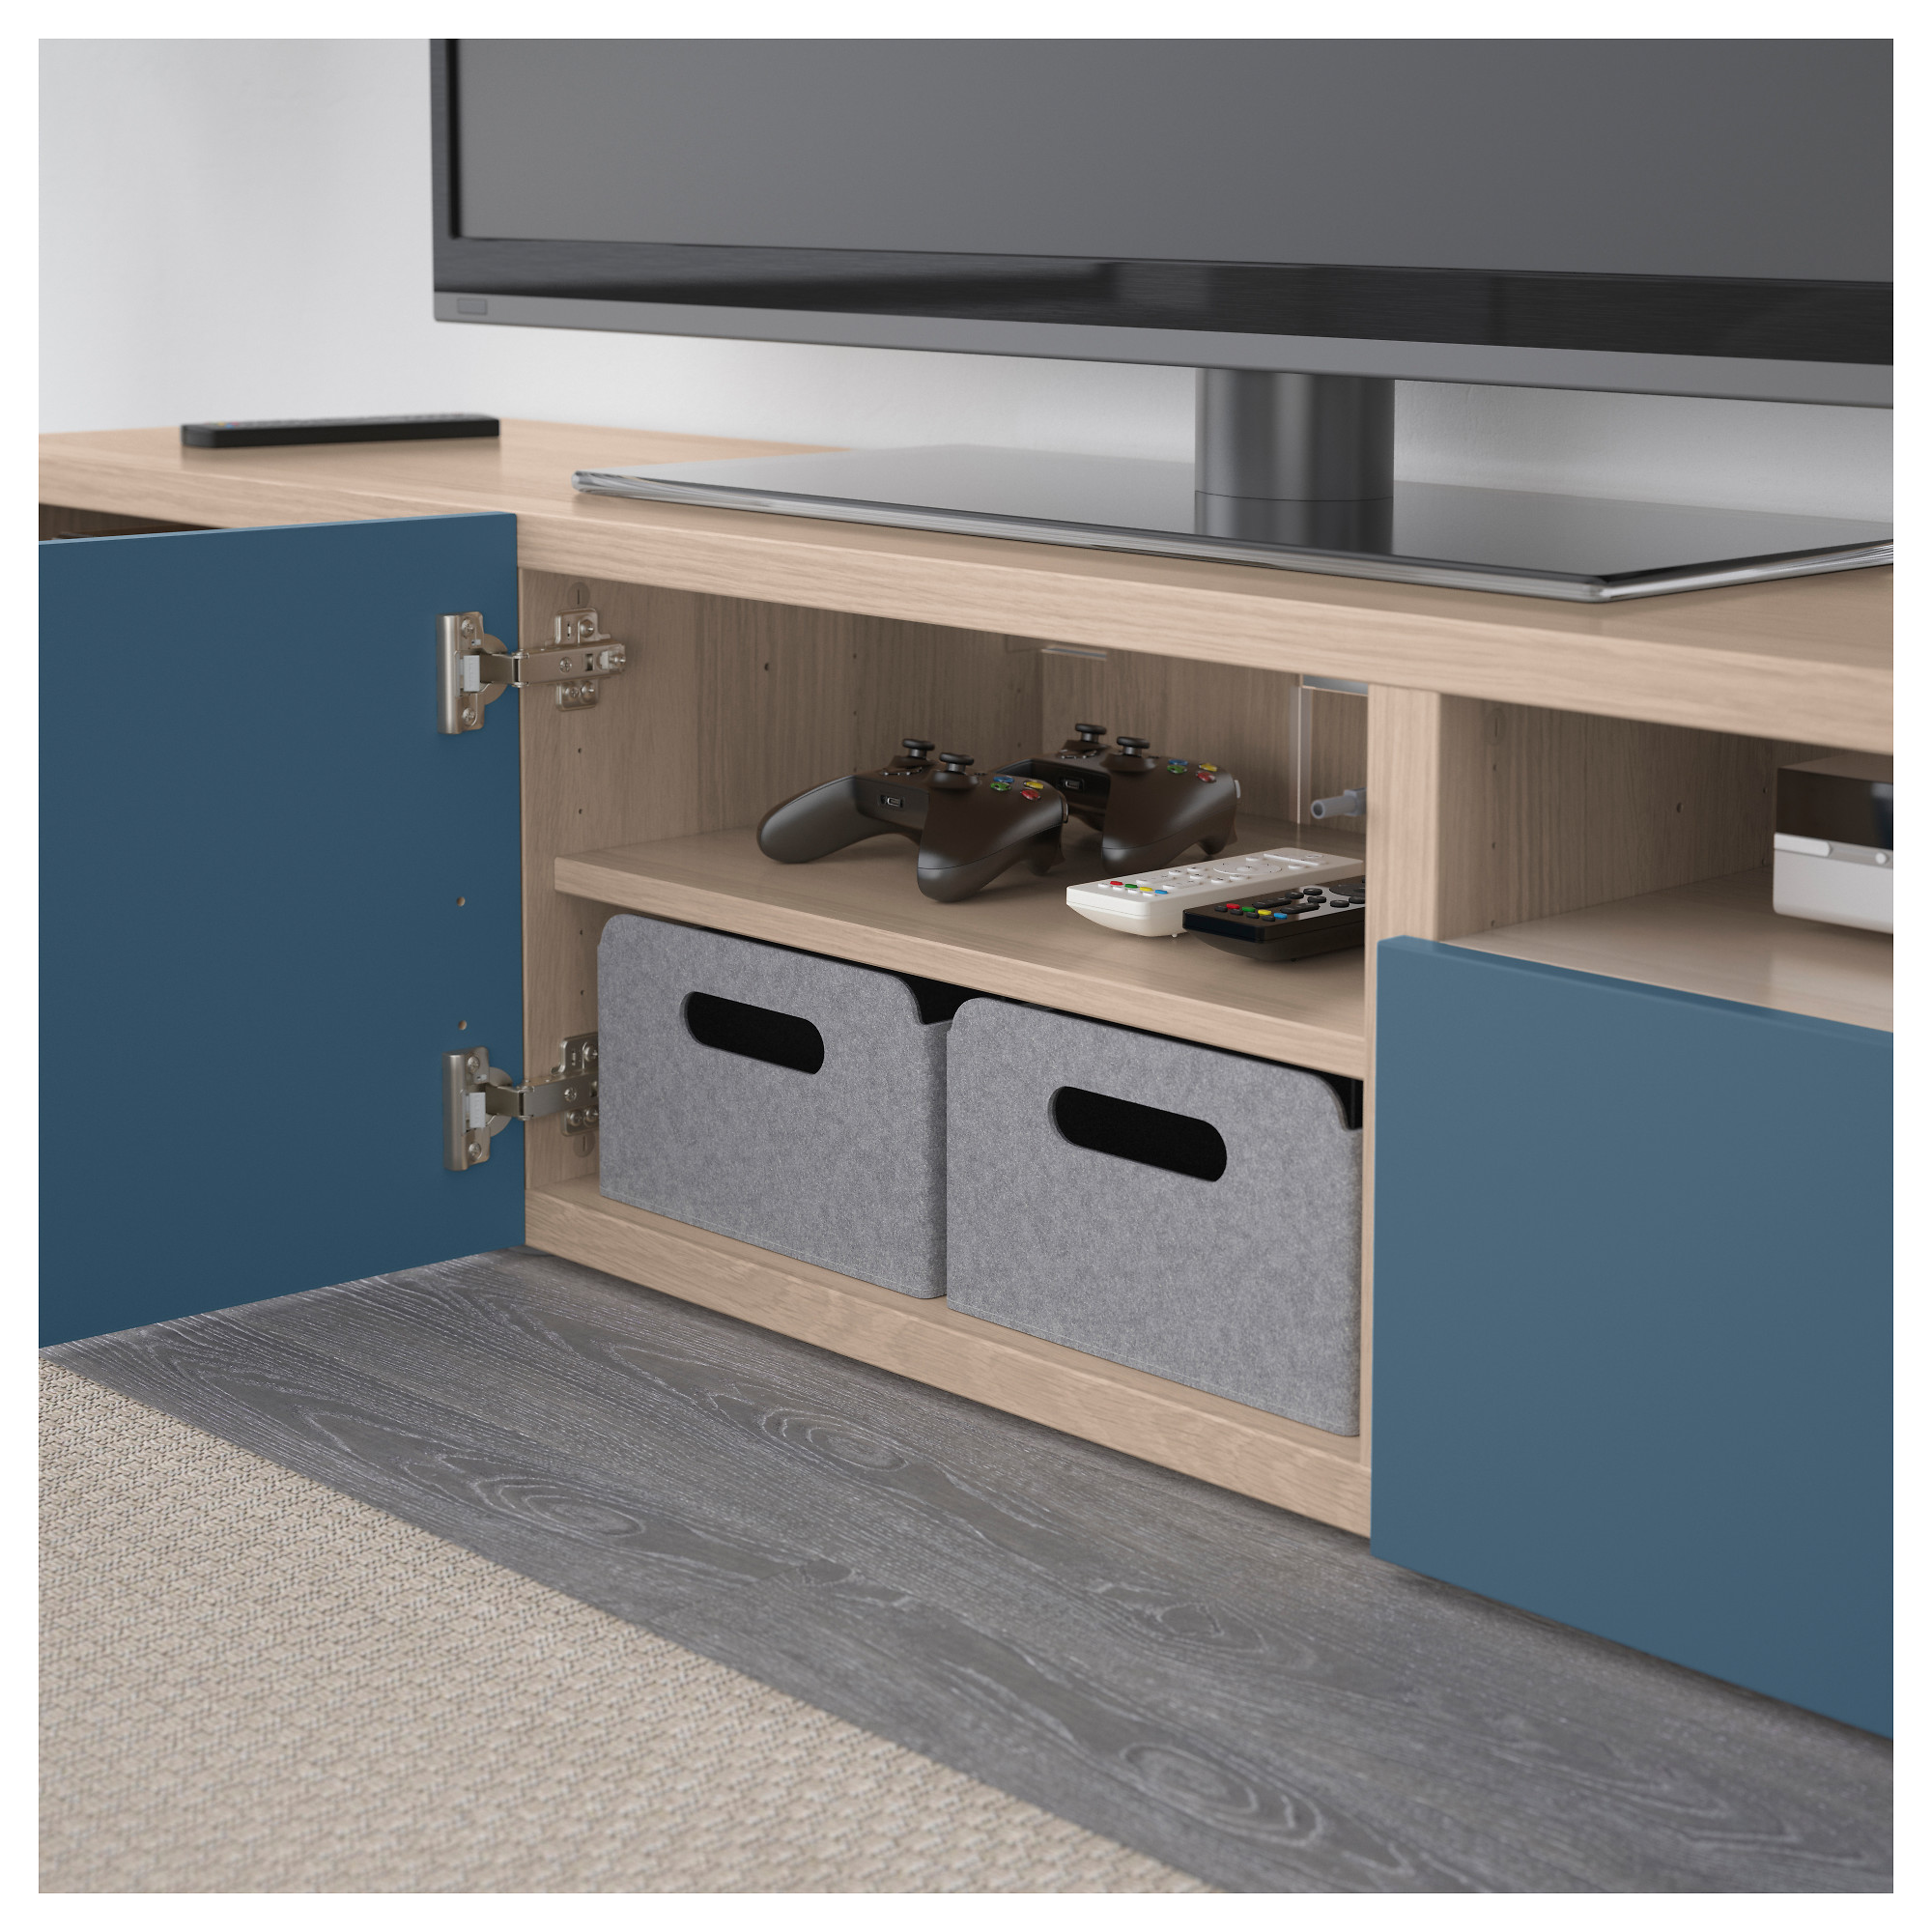 Тумба для ТВ с ящиками БЕСТО темно-синий артикуль № 192.503.34 в наличии. Онлайн каталог IKEA РБ. Недорогая доставка и установка.